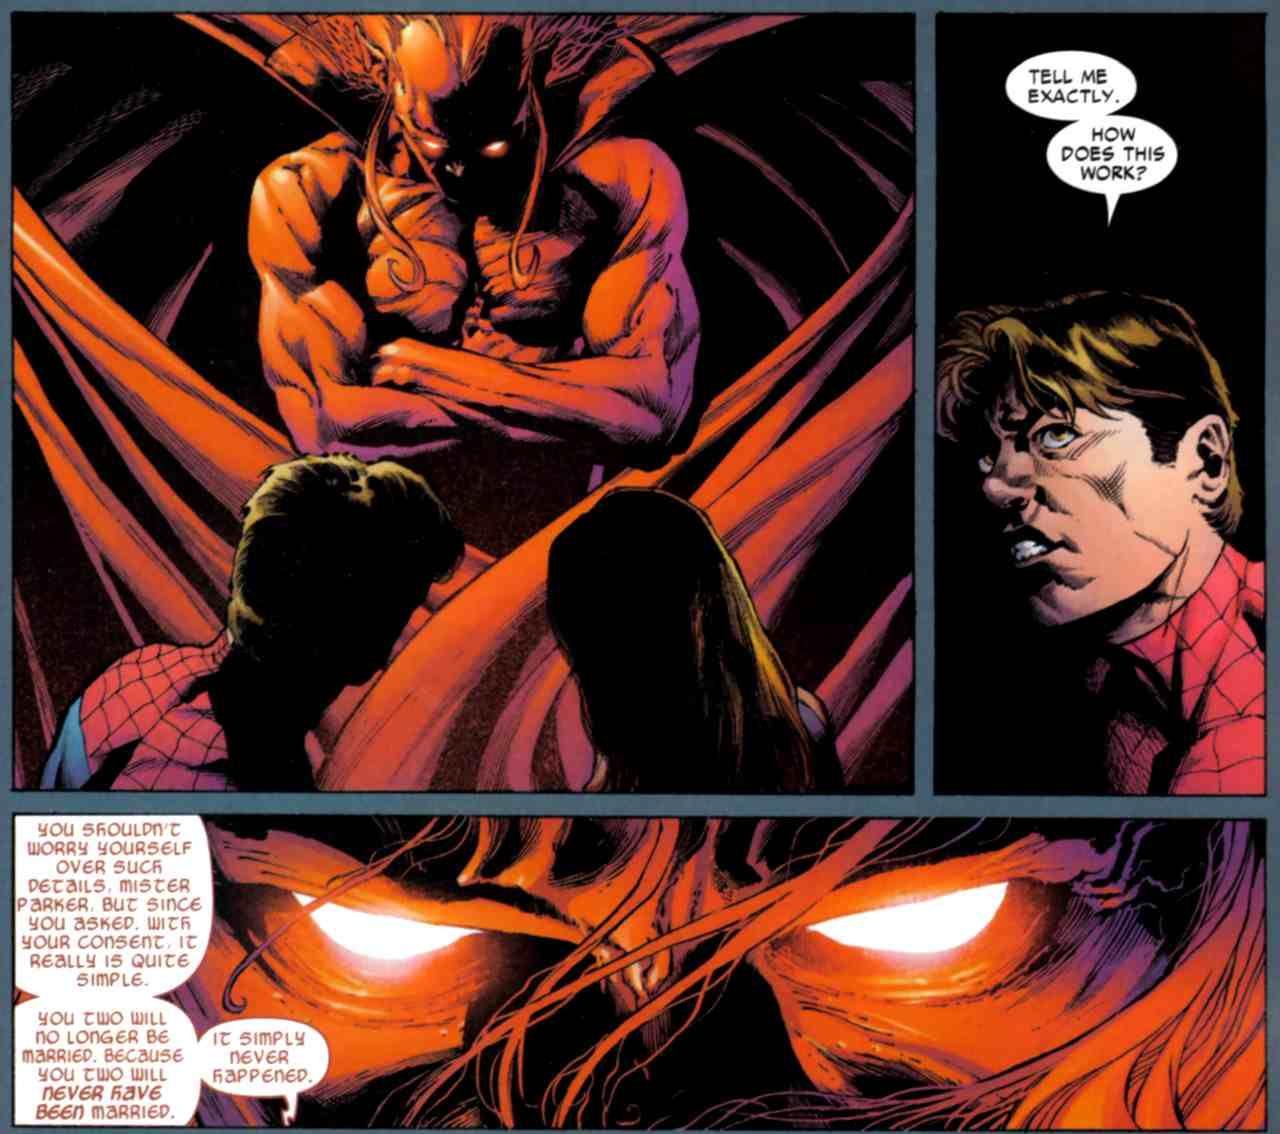 personajes de marvel mephisto